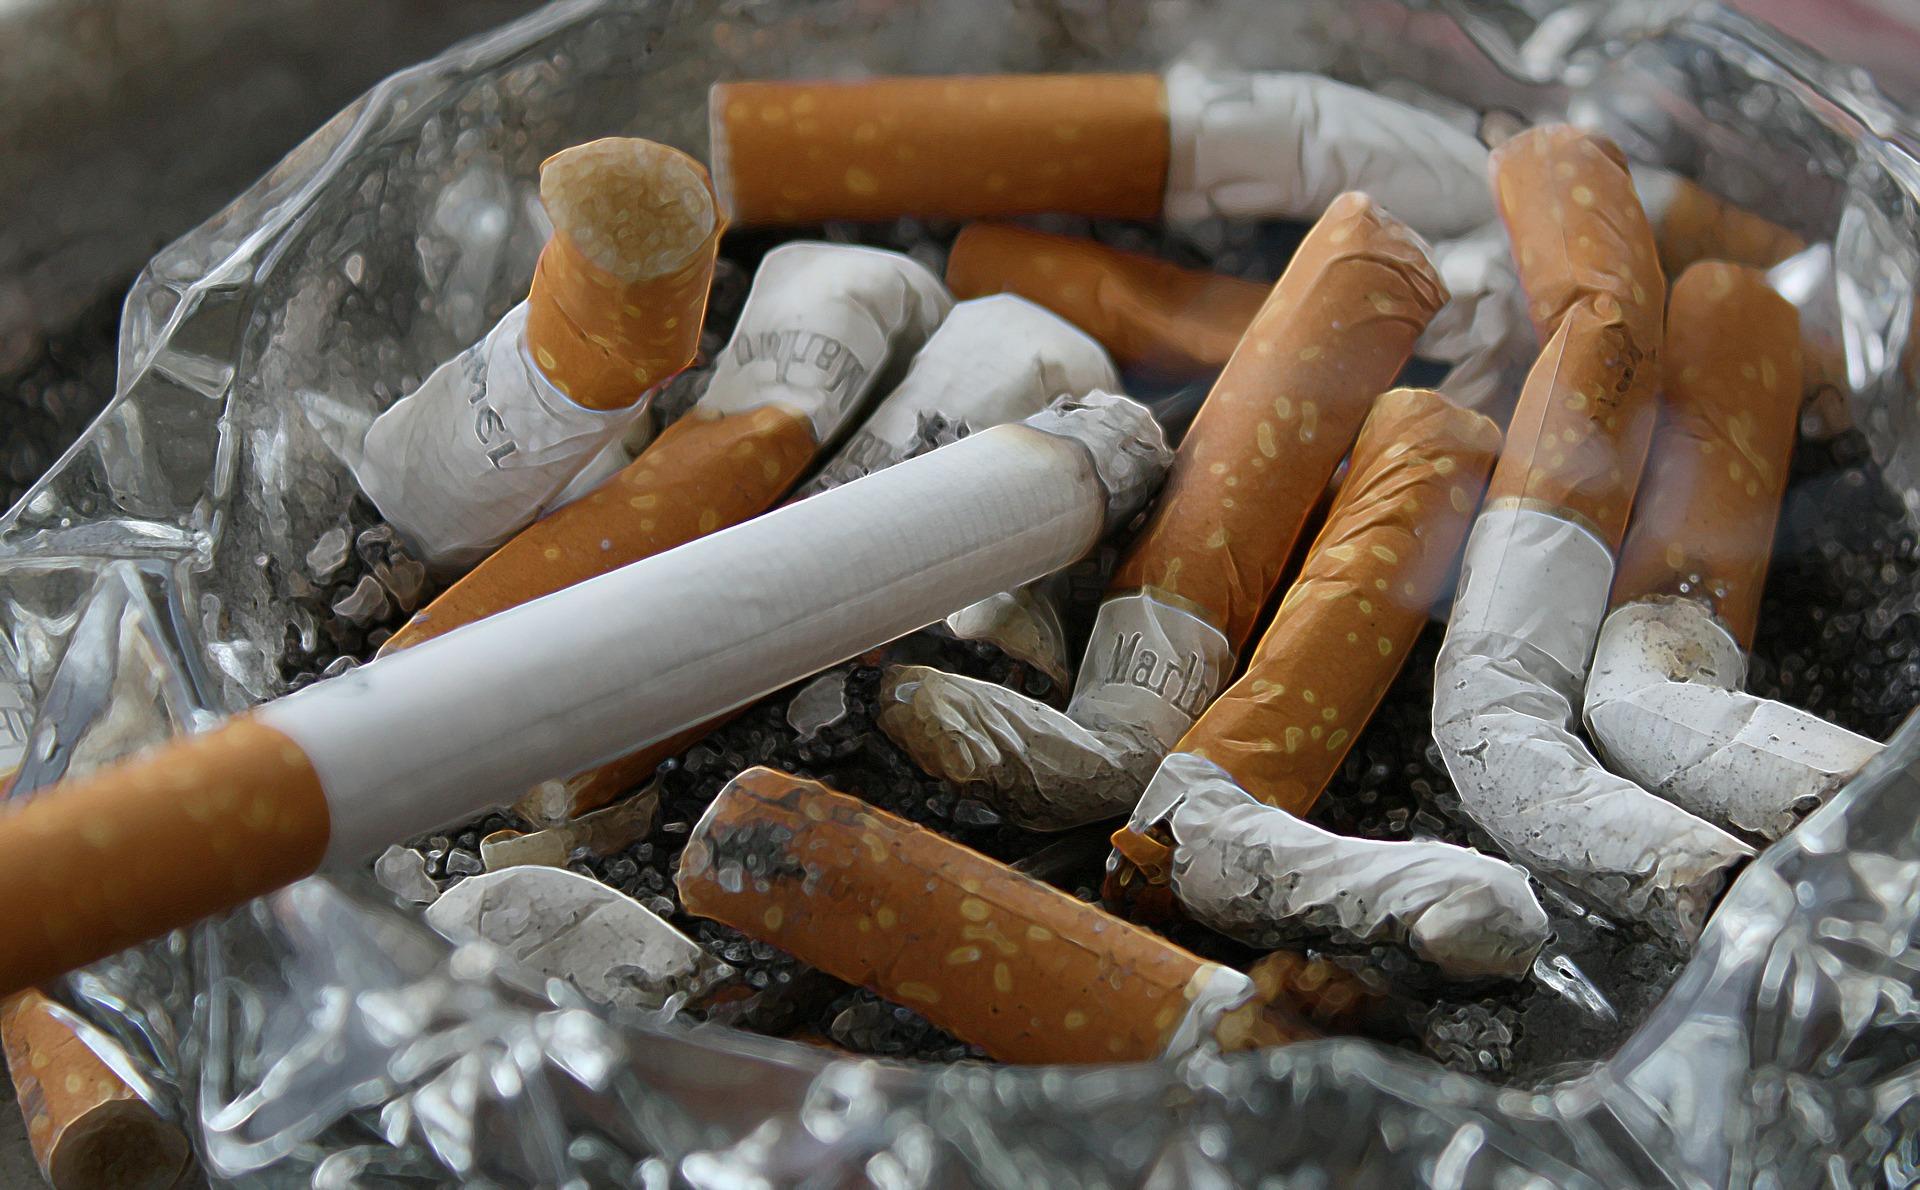 Bahaya Pembakaran Asap Rokok Boleh Menyebabkan Barah Paru-Paru